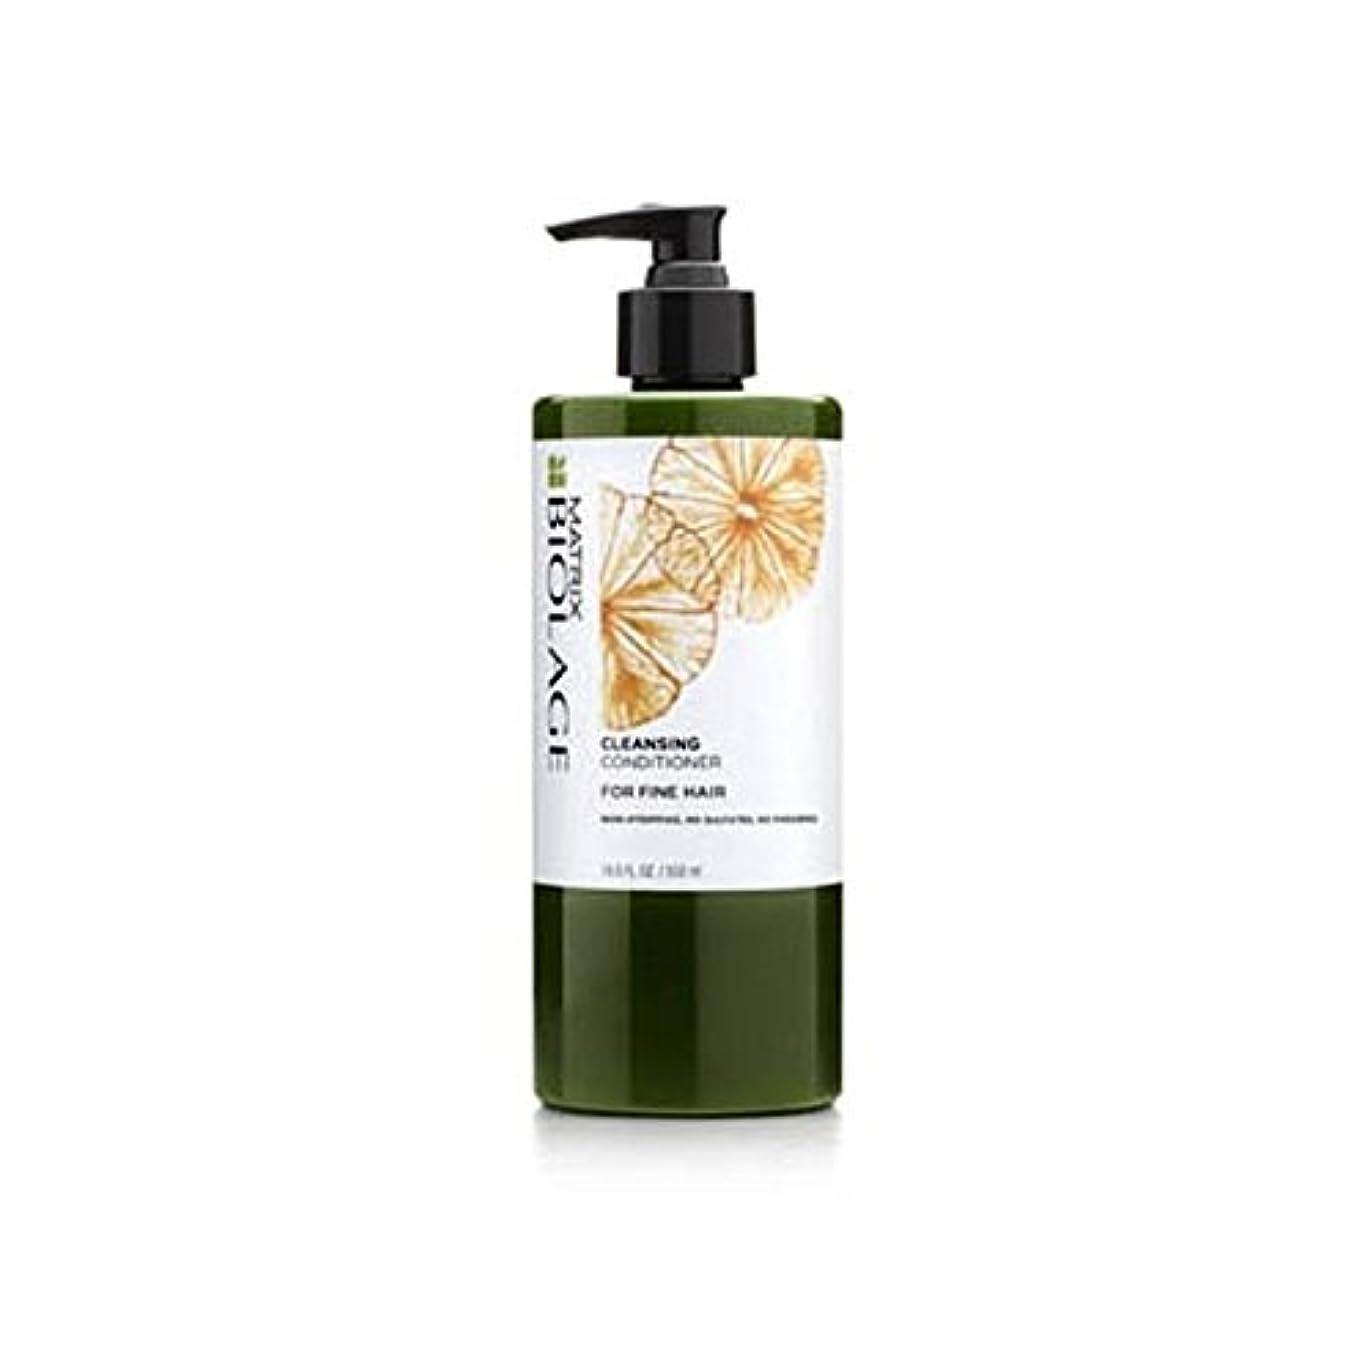 敵対的燃料メッシュMatrix Biolage Cleansing Conditioner - Fine Hair (500ml) (Pack of 6) - マトリックスバイオレイジクレンジングコンディショナー - 細い髪(500ミリリットル...